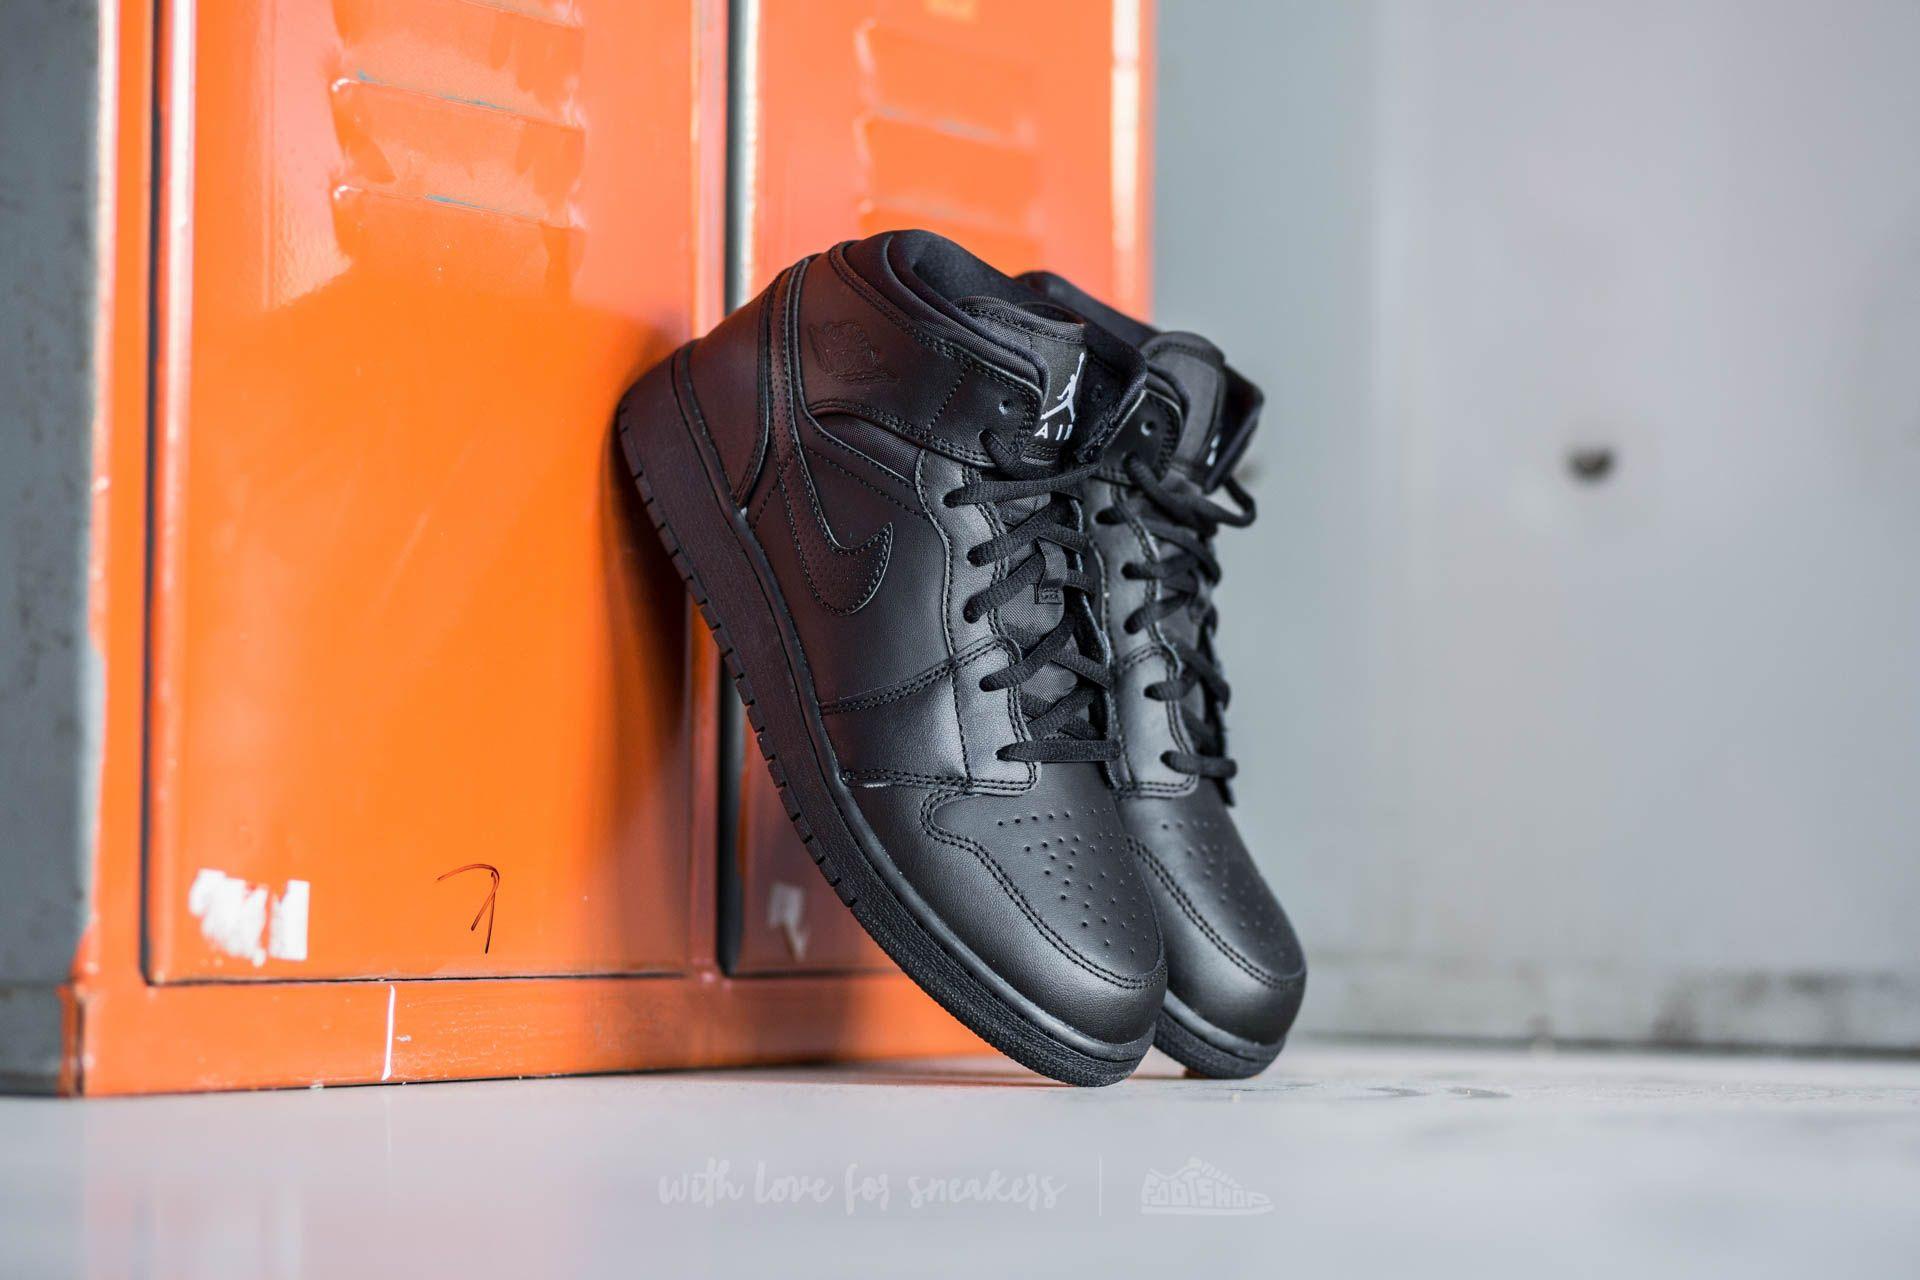 Air Jordan 1 MID BG Black/ White